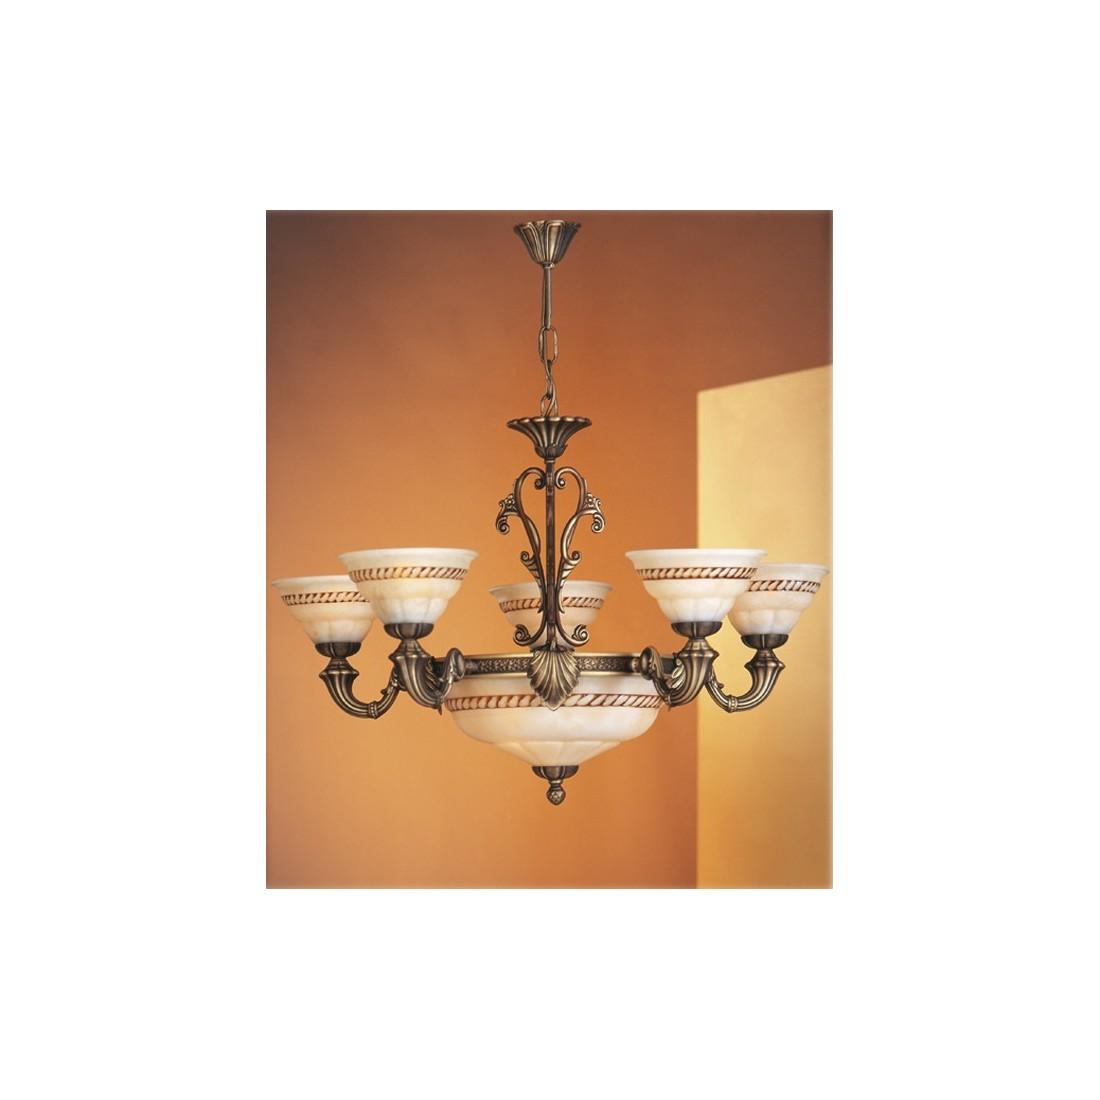 Apliques clasicos apliques de bronce apliques clasicos for Apliques de bronce para muebles